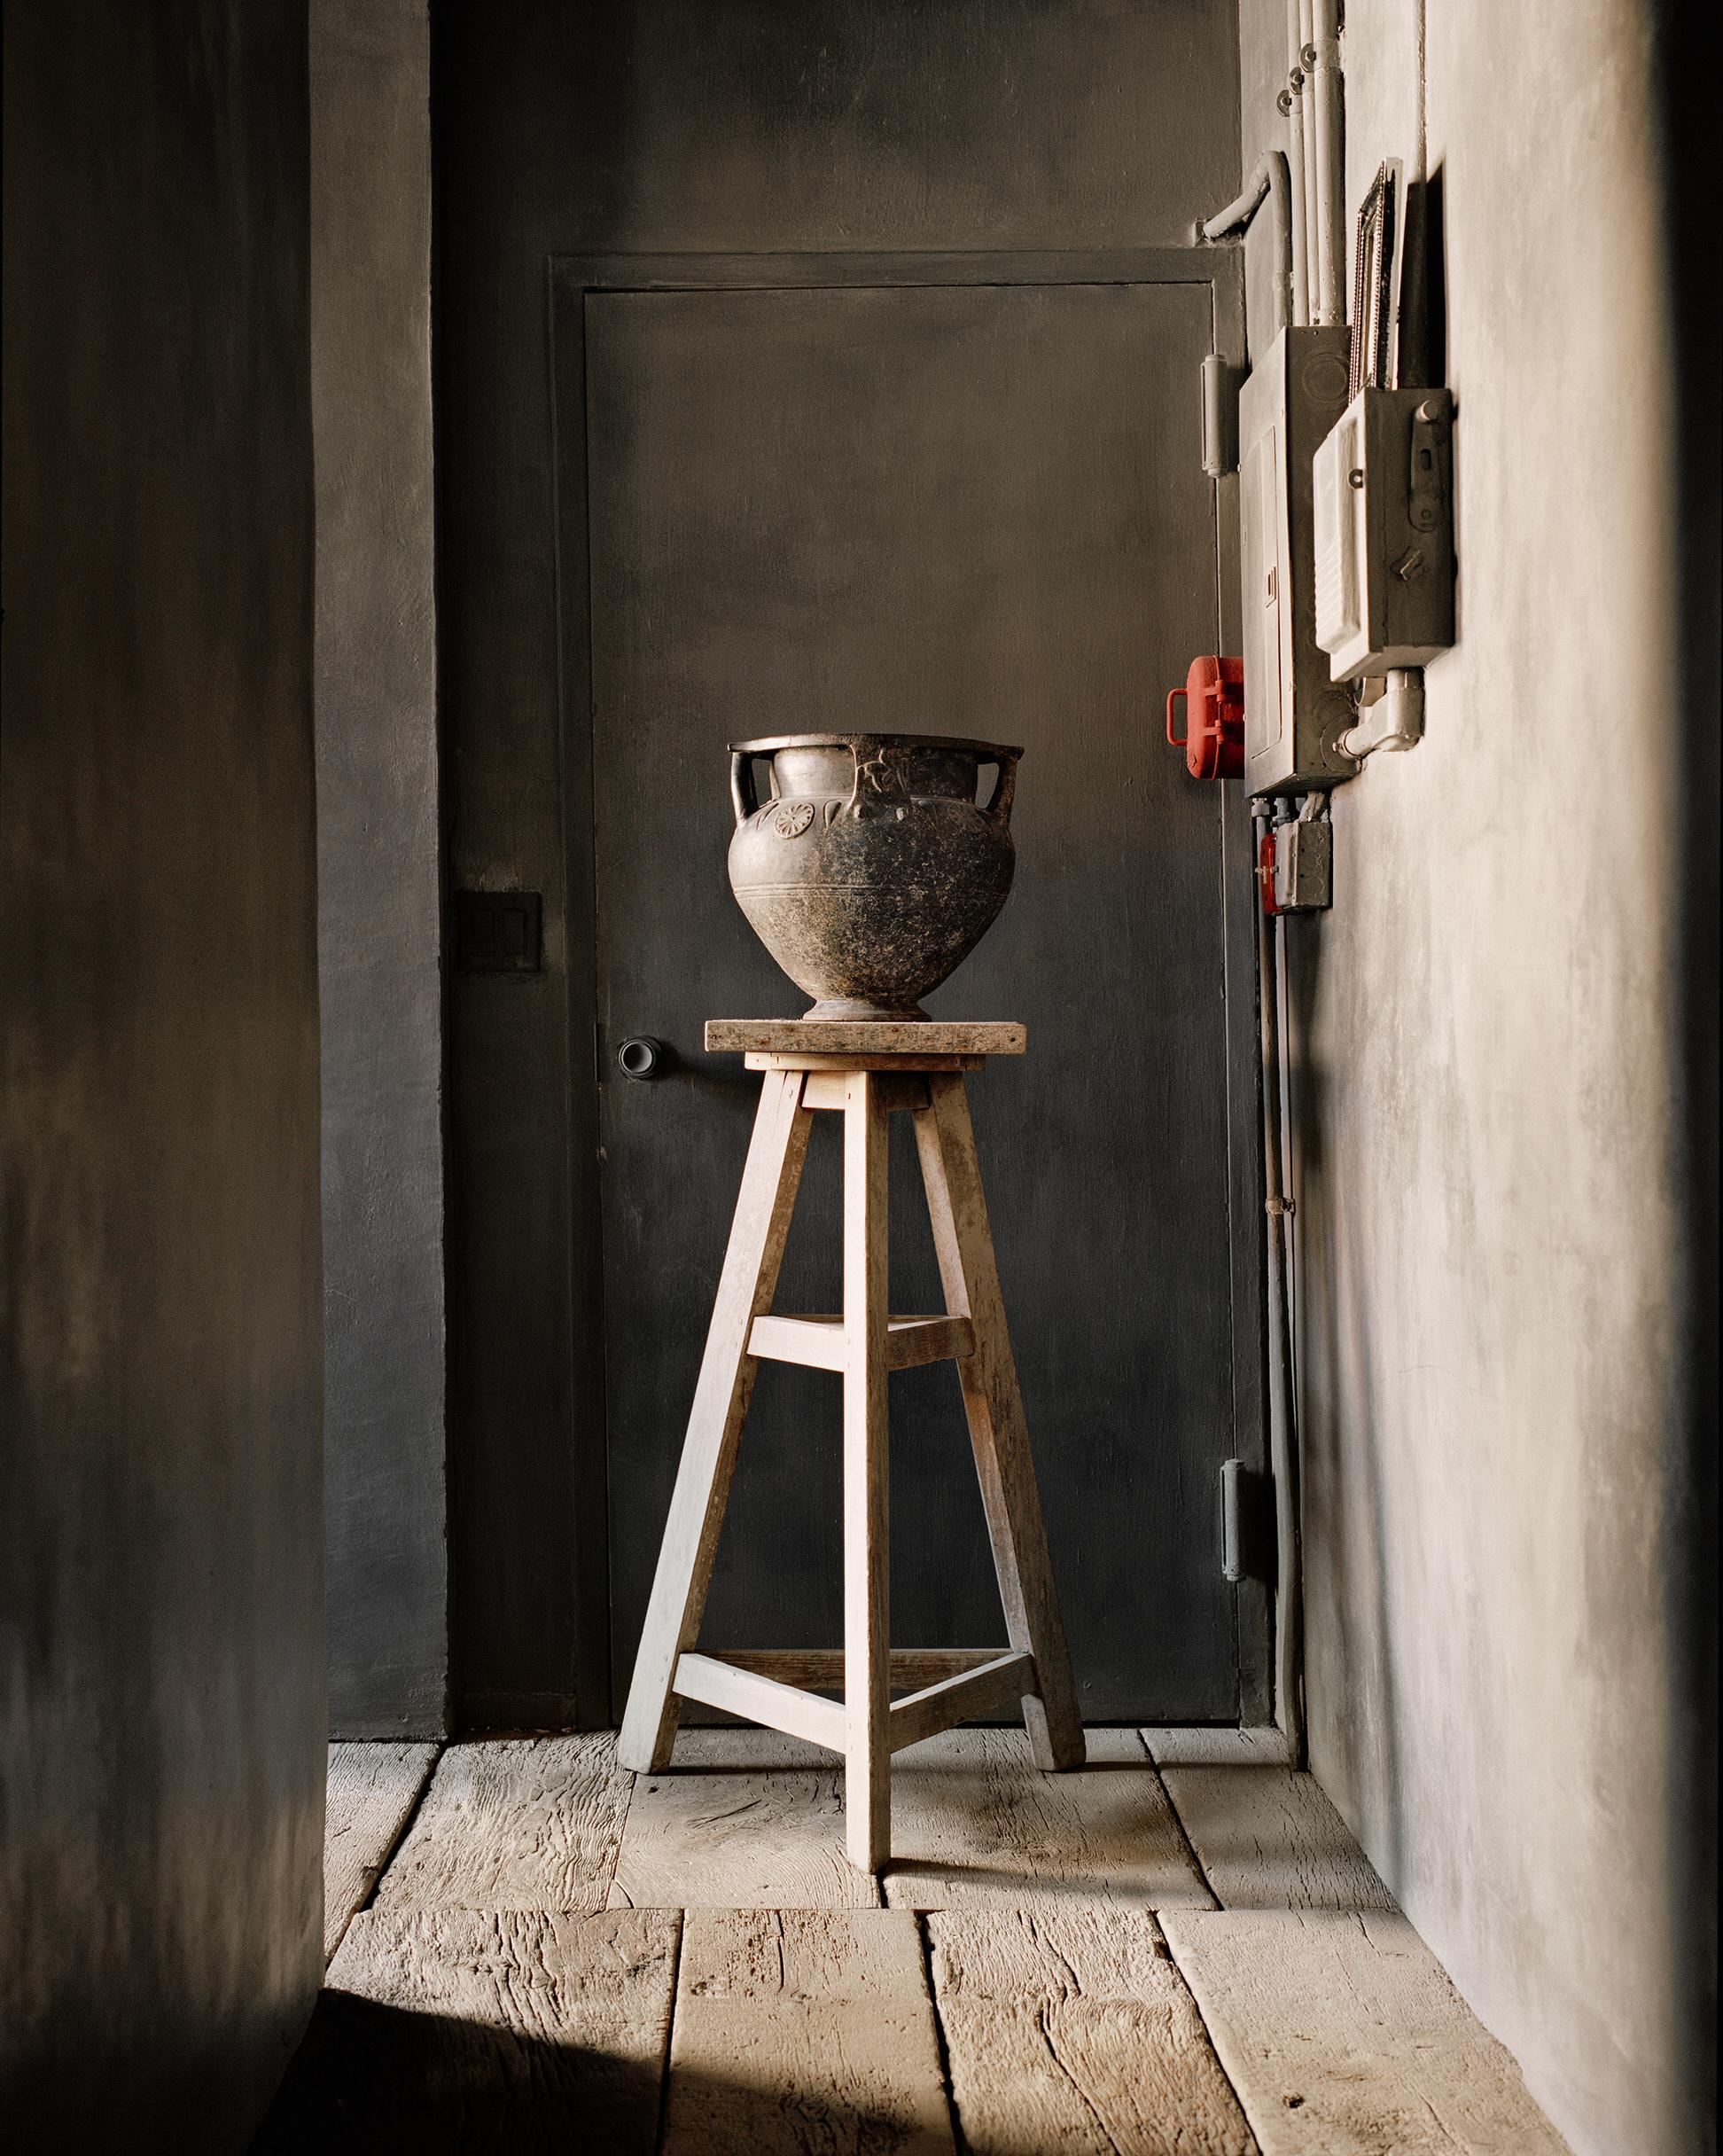 jar on stool.jpg